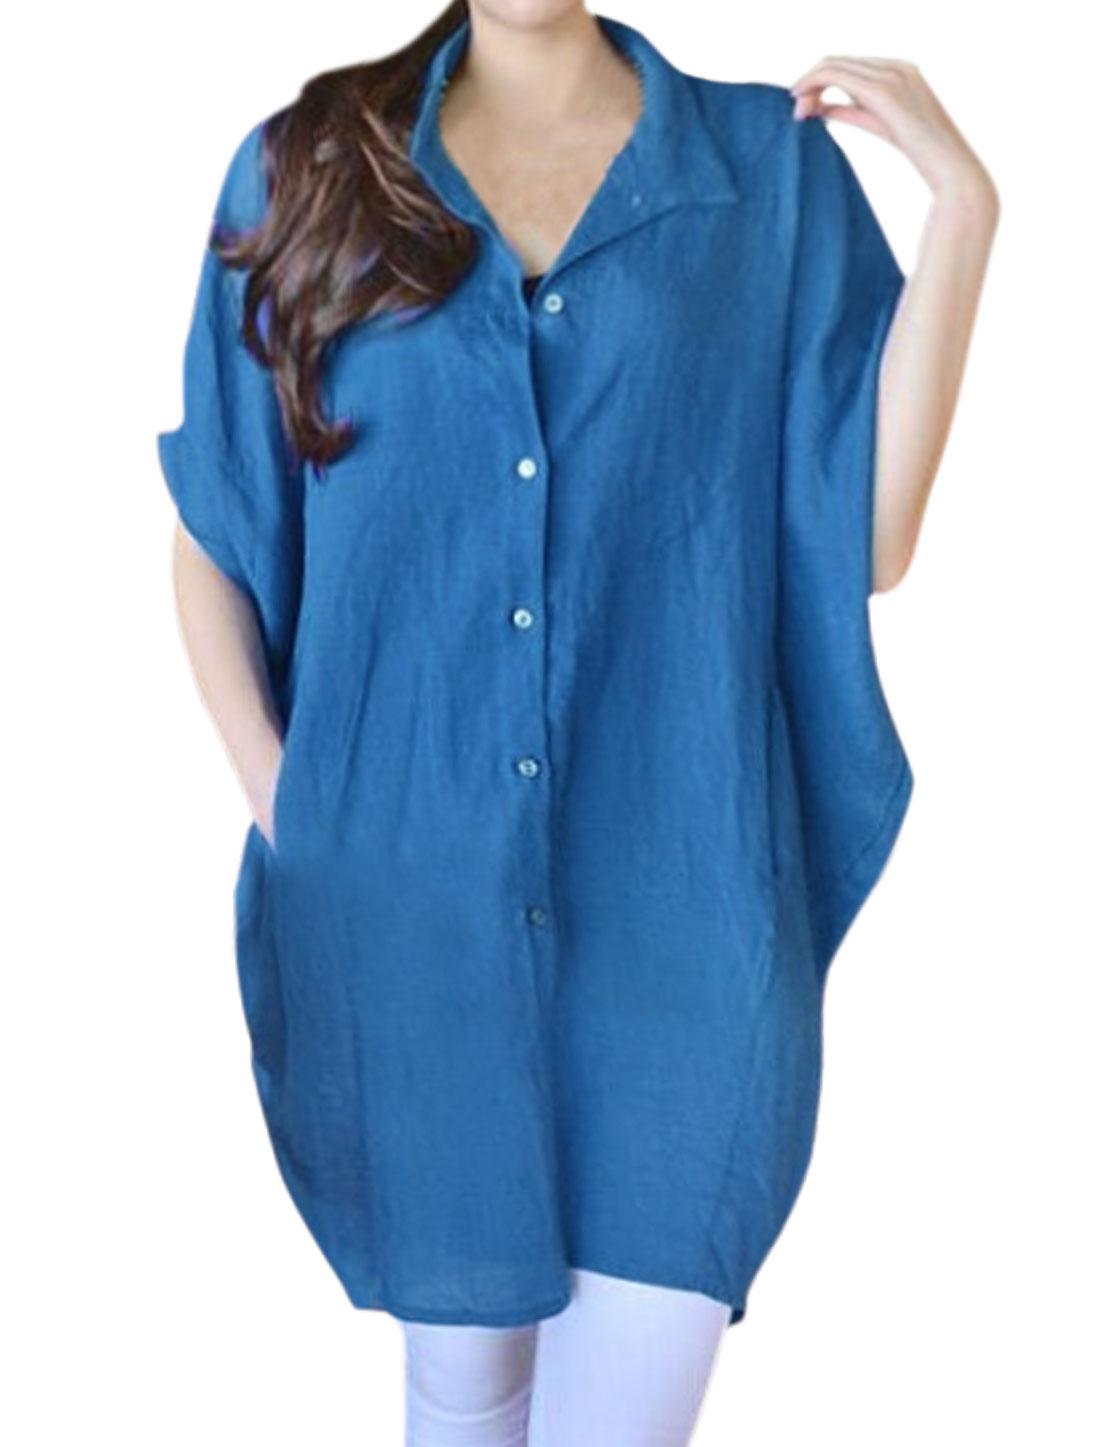 Women Batwing Sleeves Button Up Oversized Shirt Dress Light Blue M